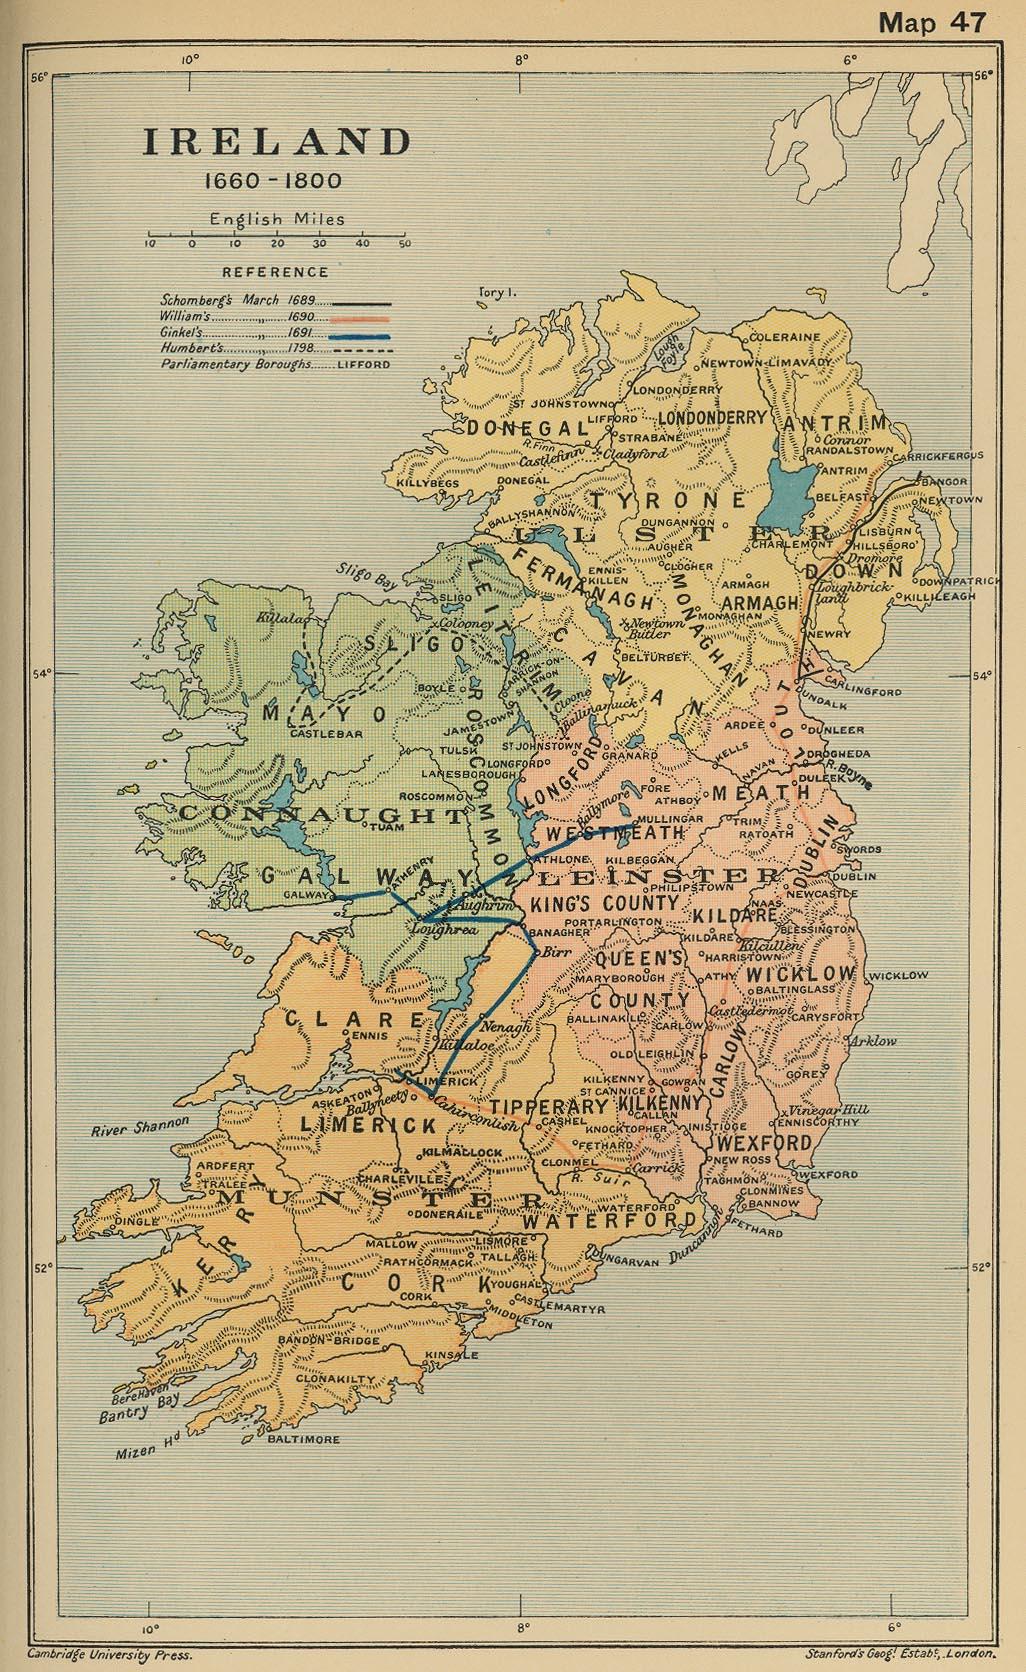 Irlanda 1660 - 1800